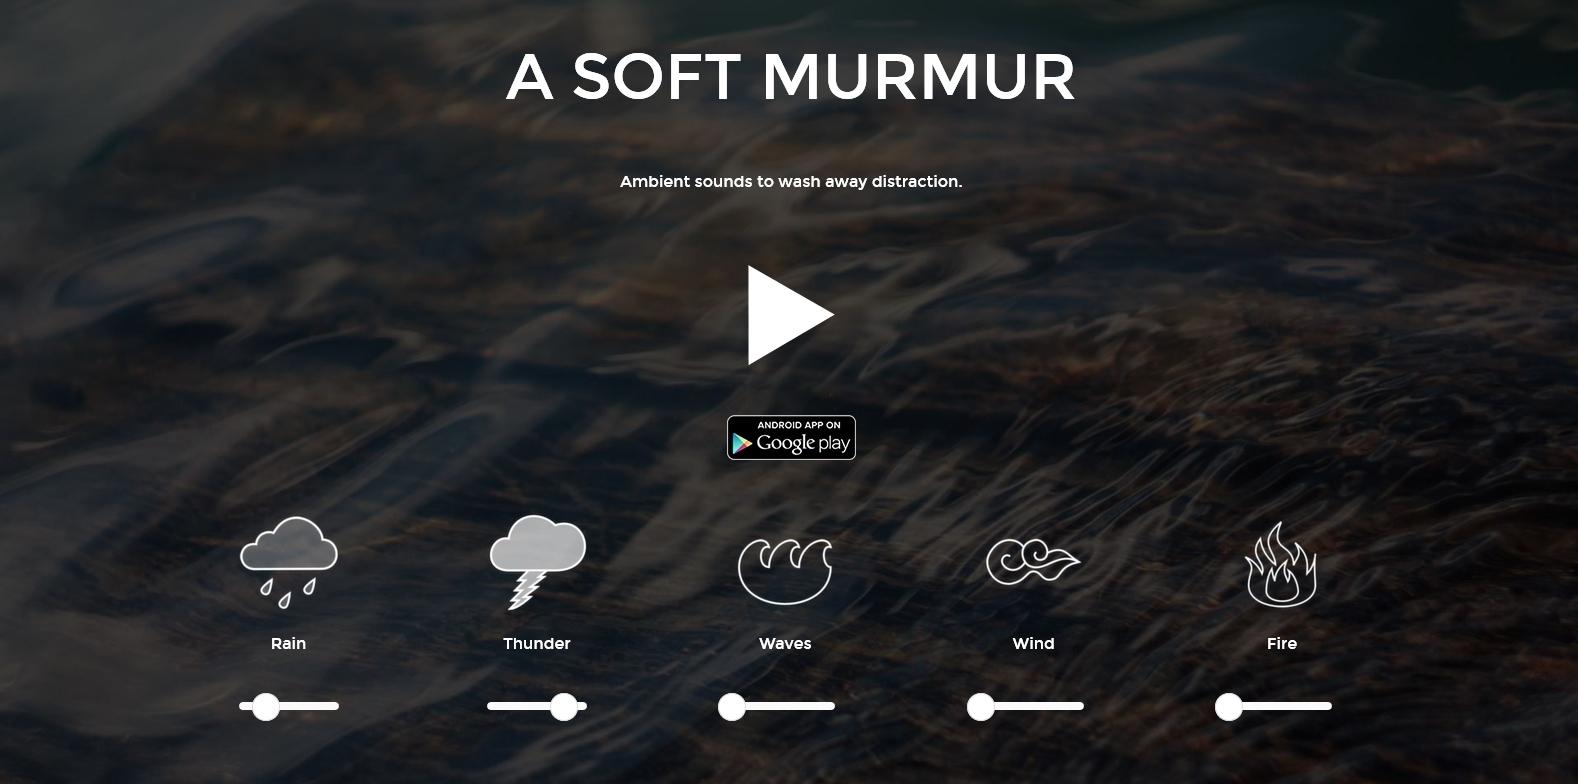 Звуки окружающего мира asoftmurmur.com